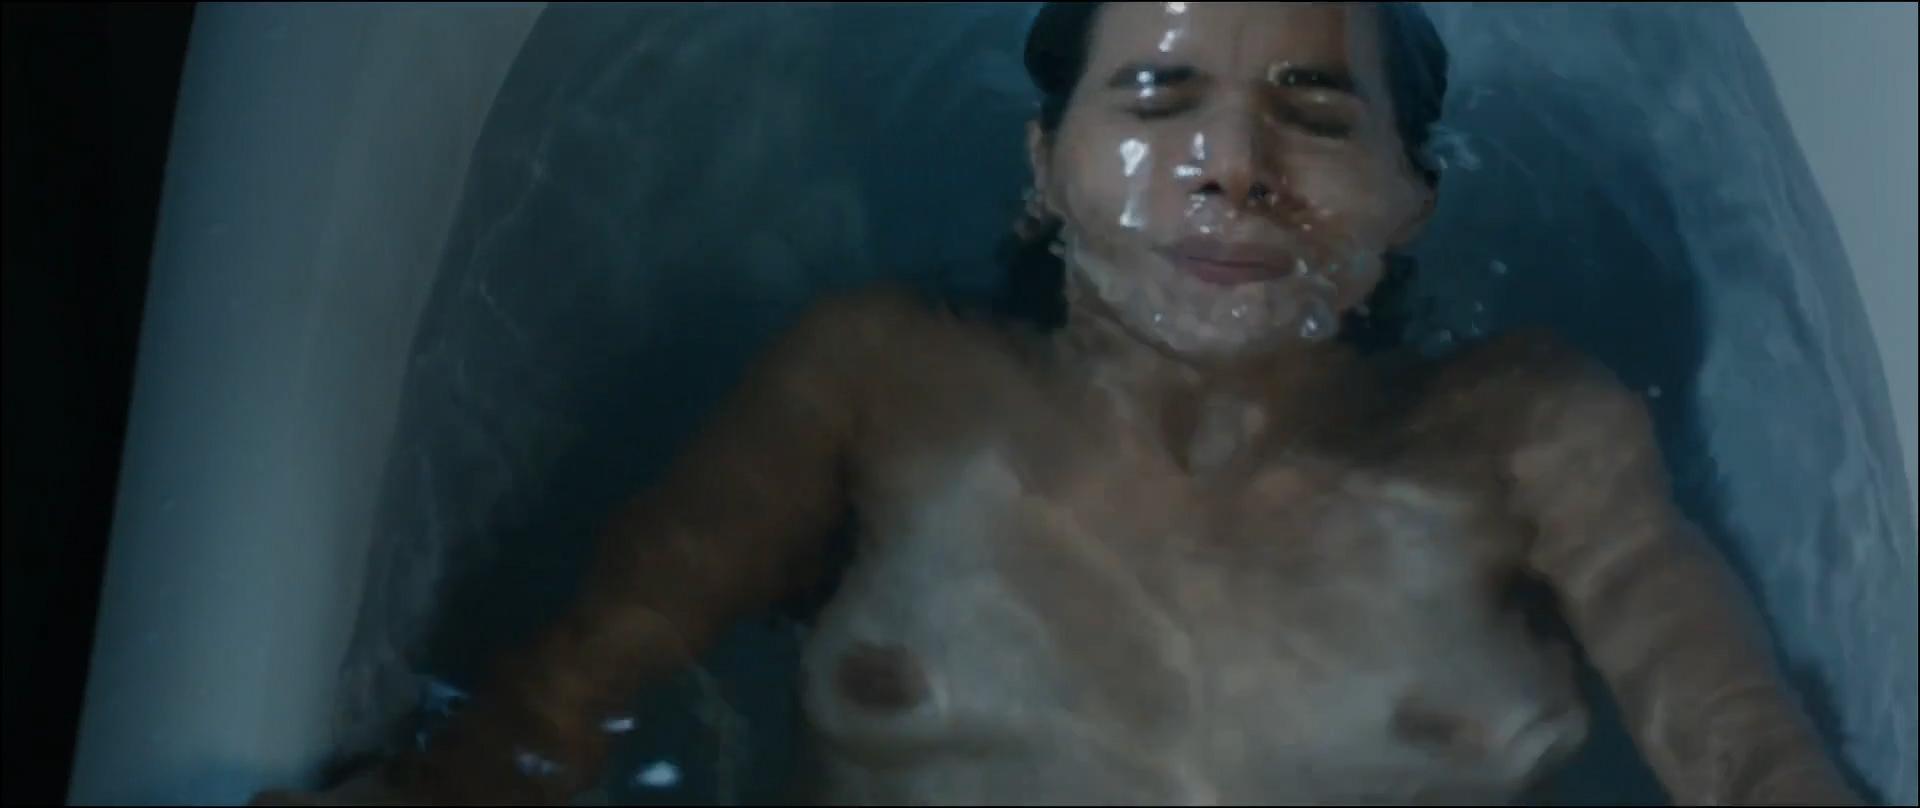 Topless Eloisa Maturen nudes (29 foto and video), Ass, Leaked, Instagram, butt 2020